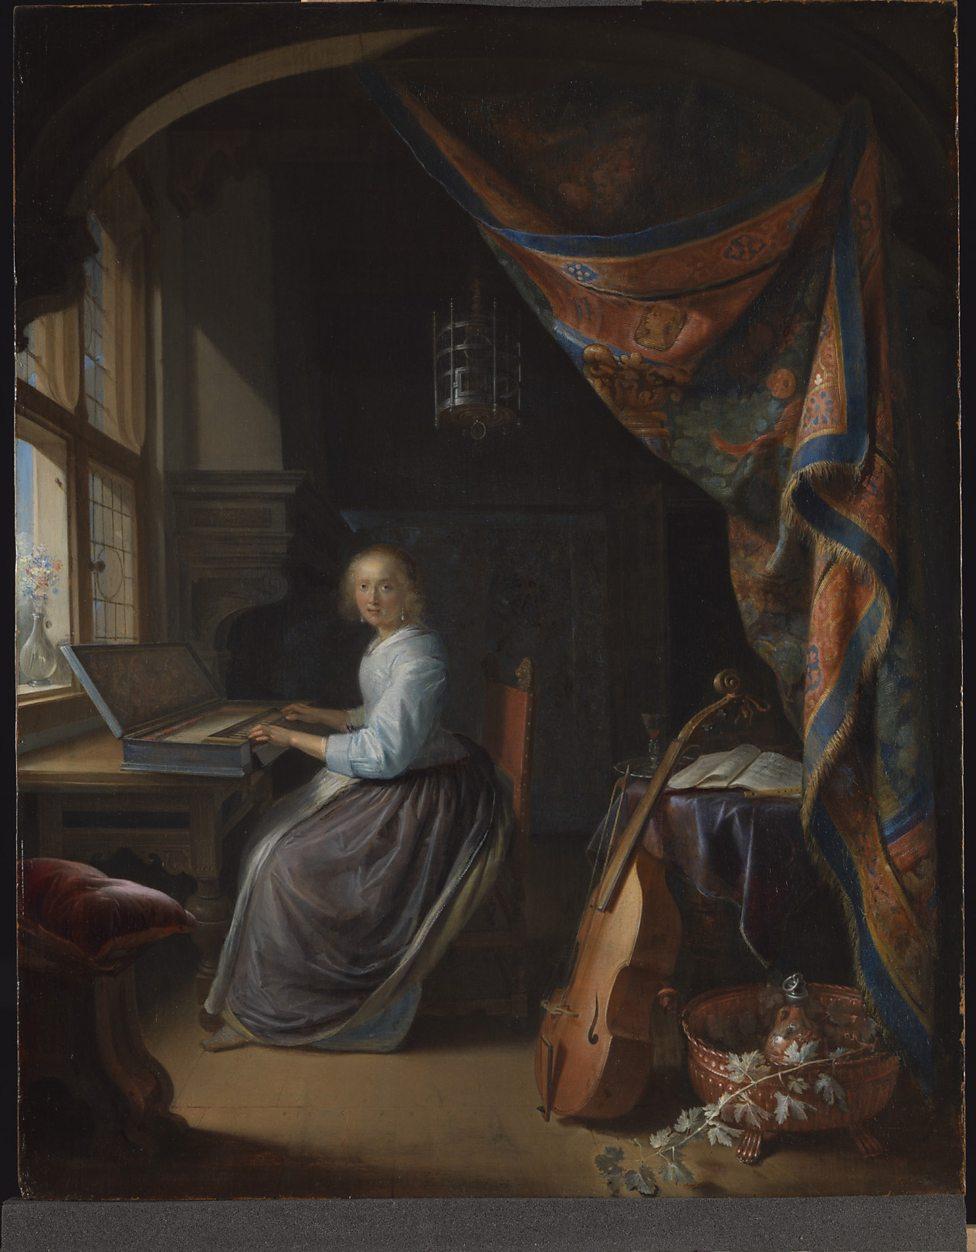 Vermeer The Art Of Painting